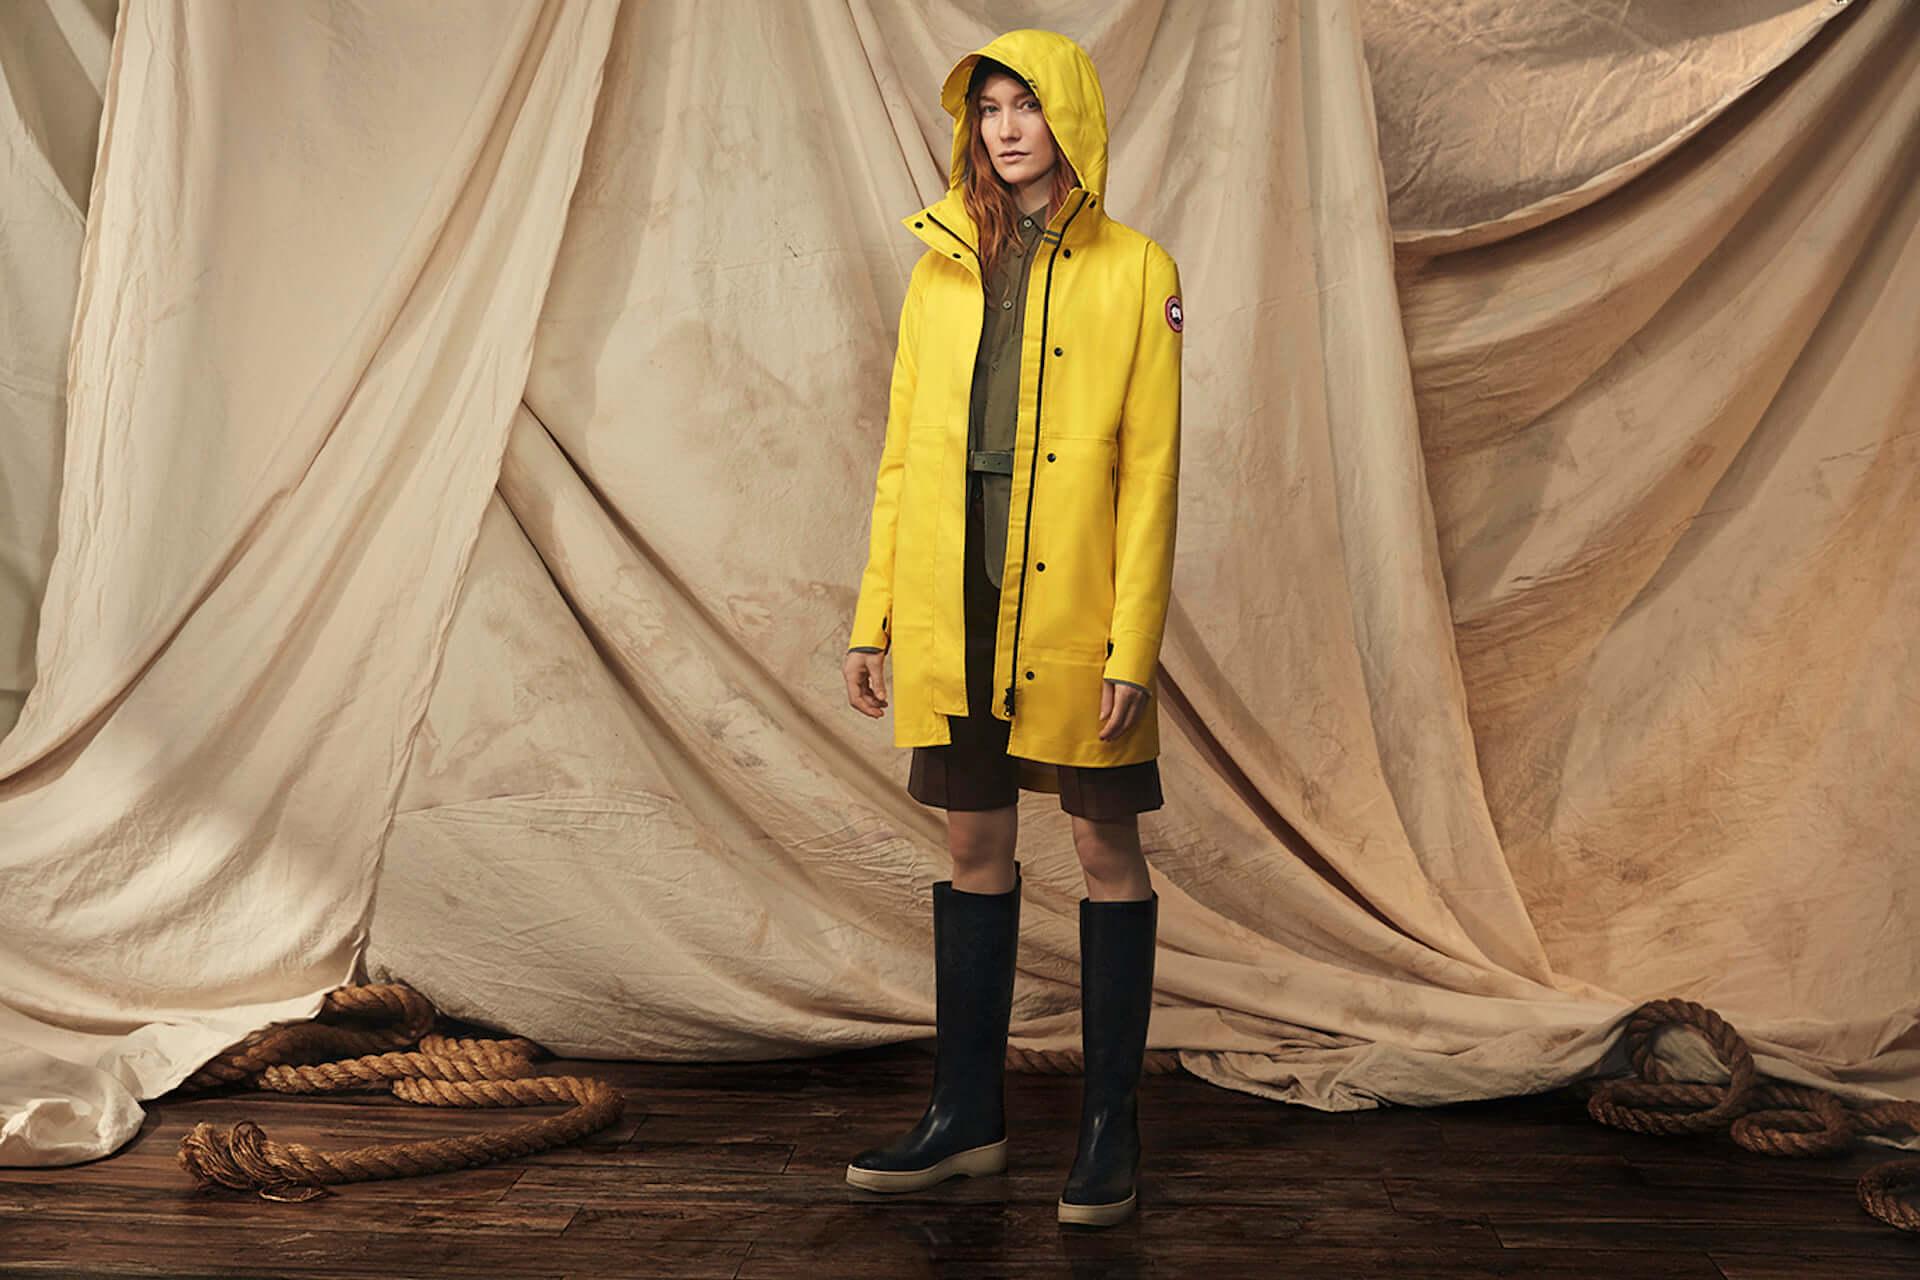 カナダグースの2020年春コレクションにイエローのレインウェアが登場!急な雨にも対応するポンチョ&ジャケット lf200417_-canadagoose_5-1920x1280